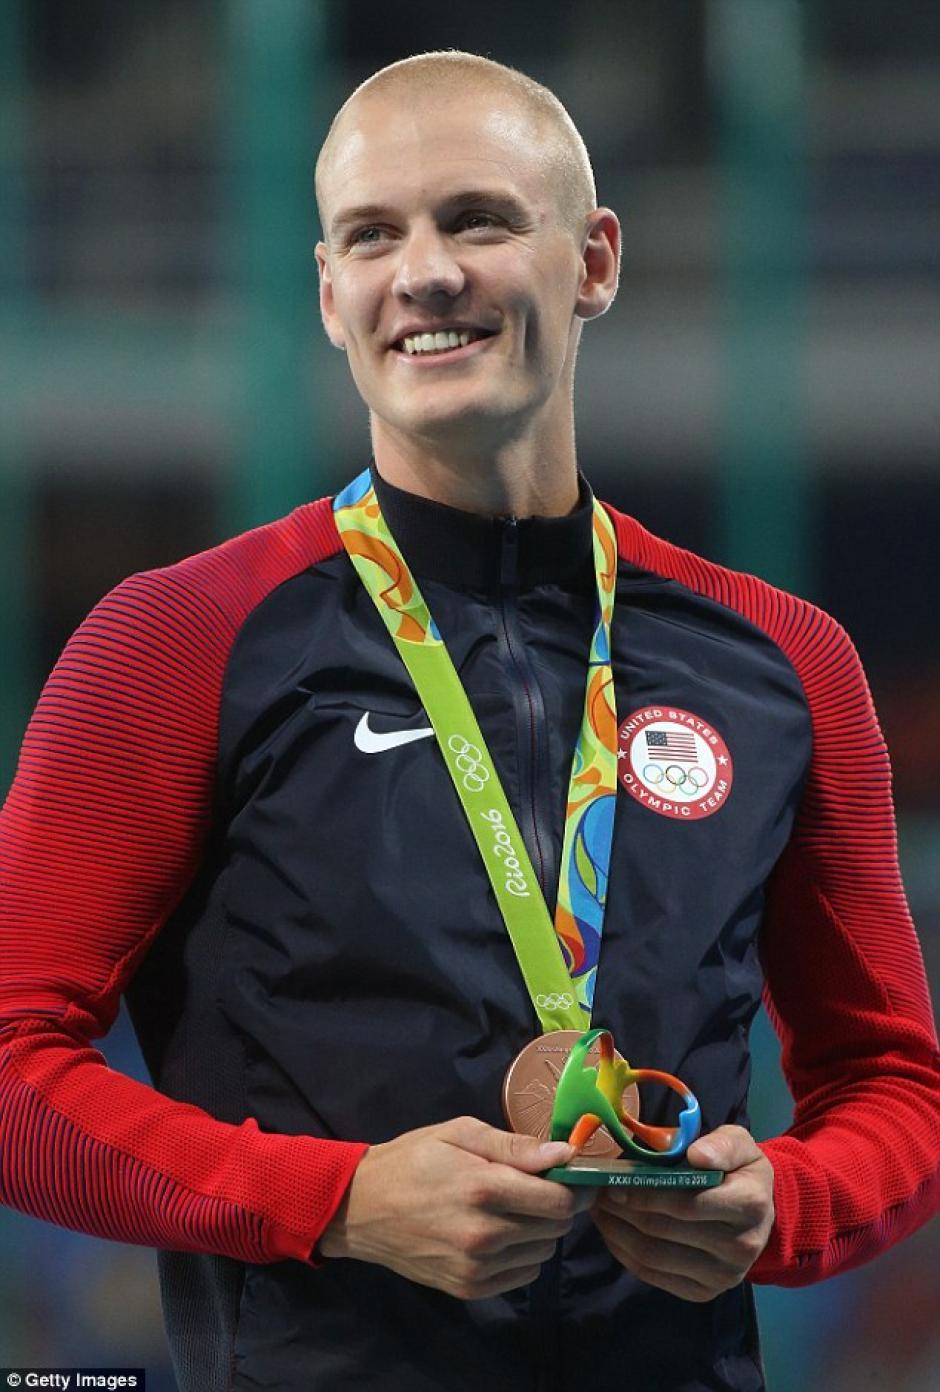 A pesar de detener su participación, Kendricks se marchó de Río 2016 con una medalla de bronce. (Foto: Daily Mail)